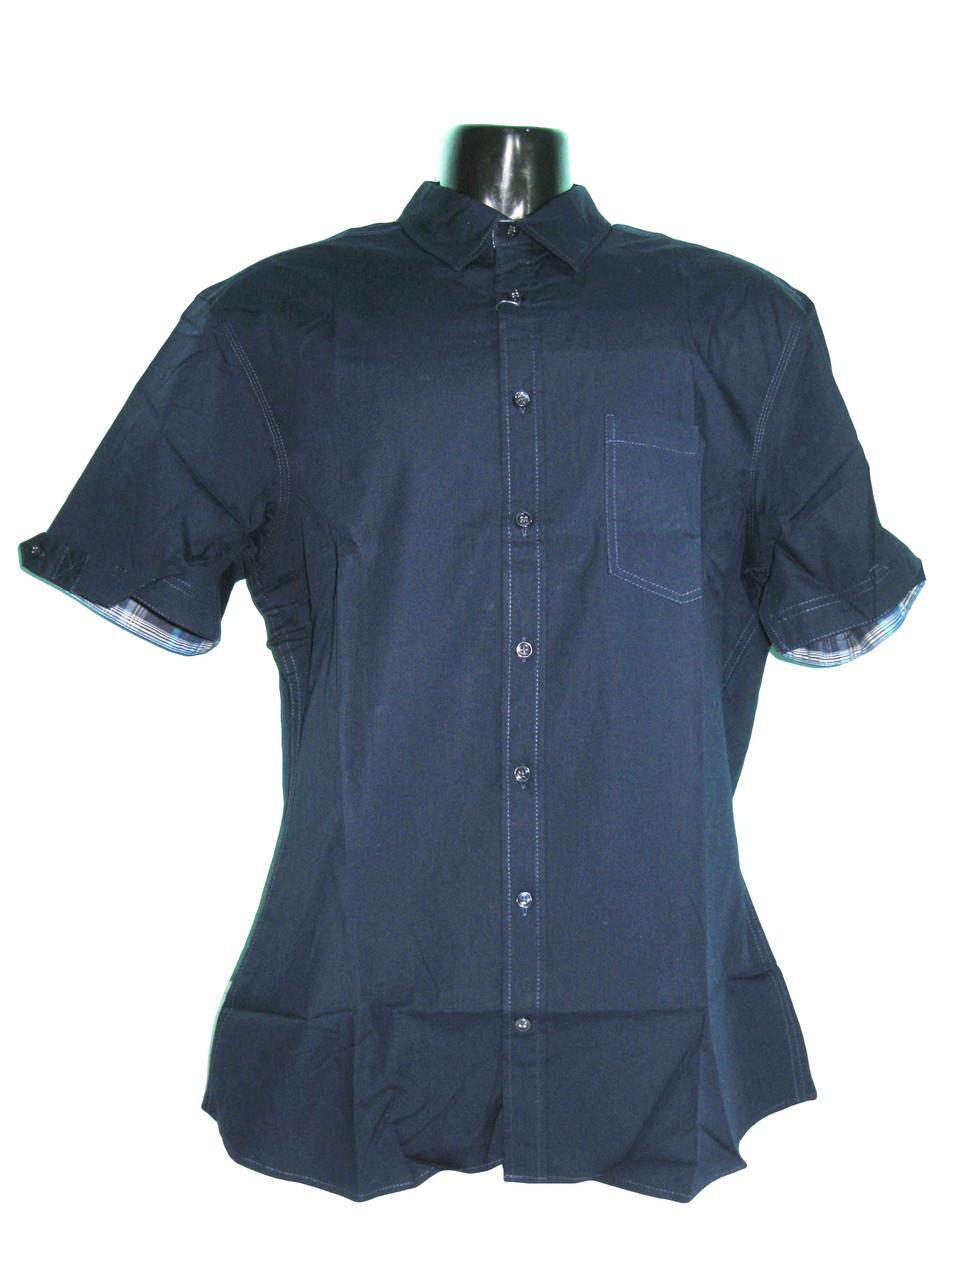 Рубашка мужская, LIVERGY, размер L (41/42), арт. М-174